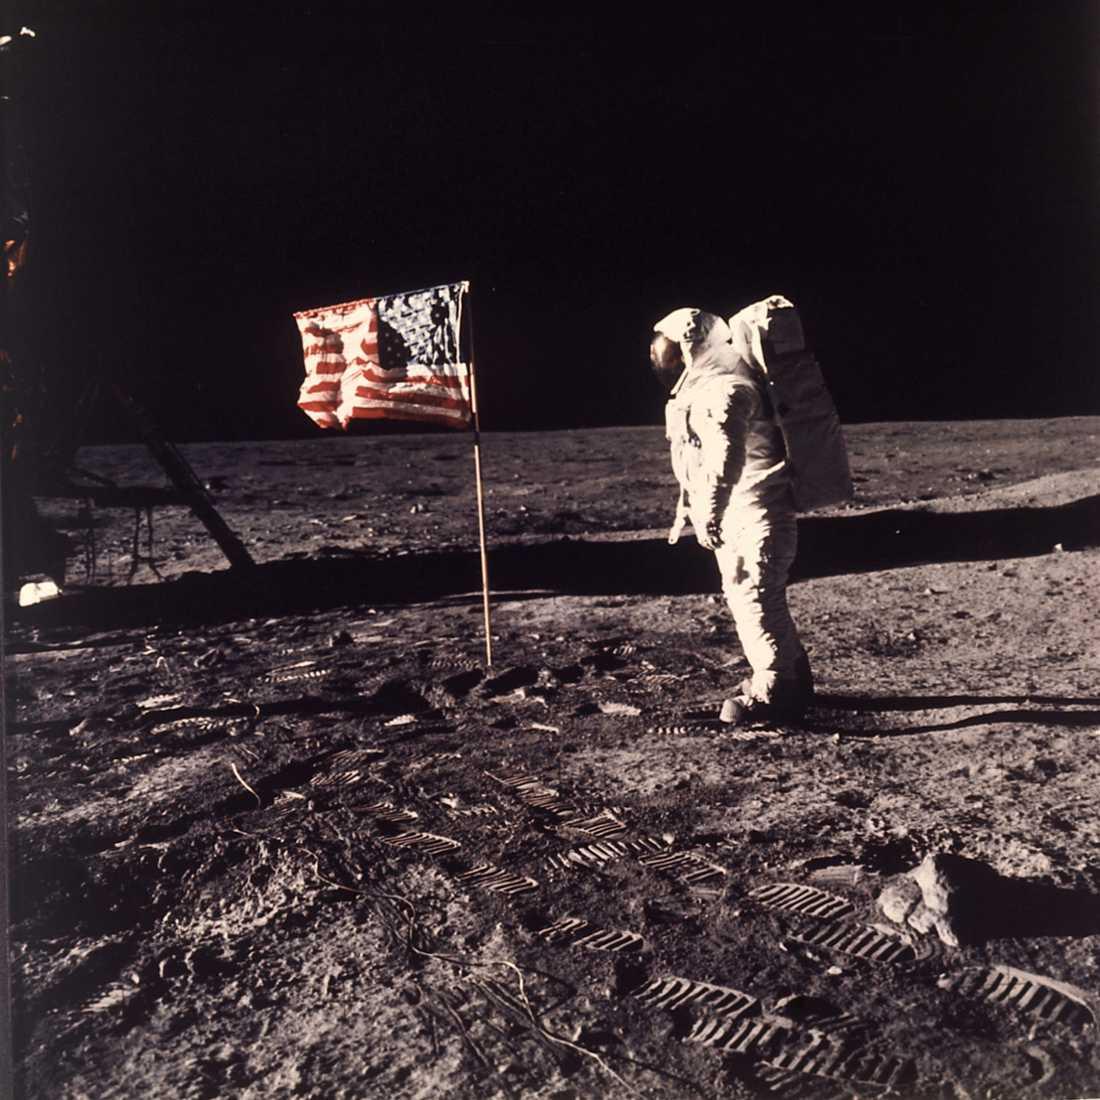 50 år har gått sedan Apollo 11 landade på månen – och lika länge har konspirationsteoretiker ifrågasatt månlandningen.